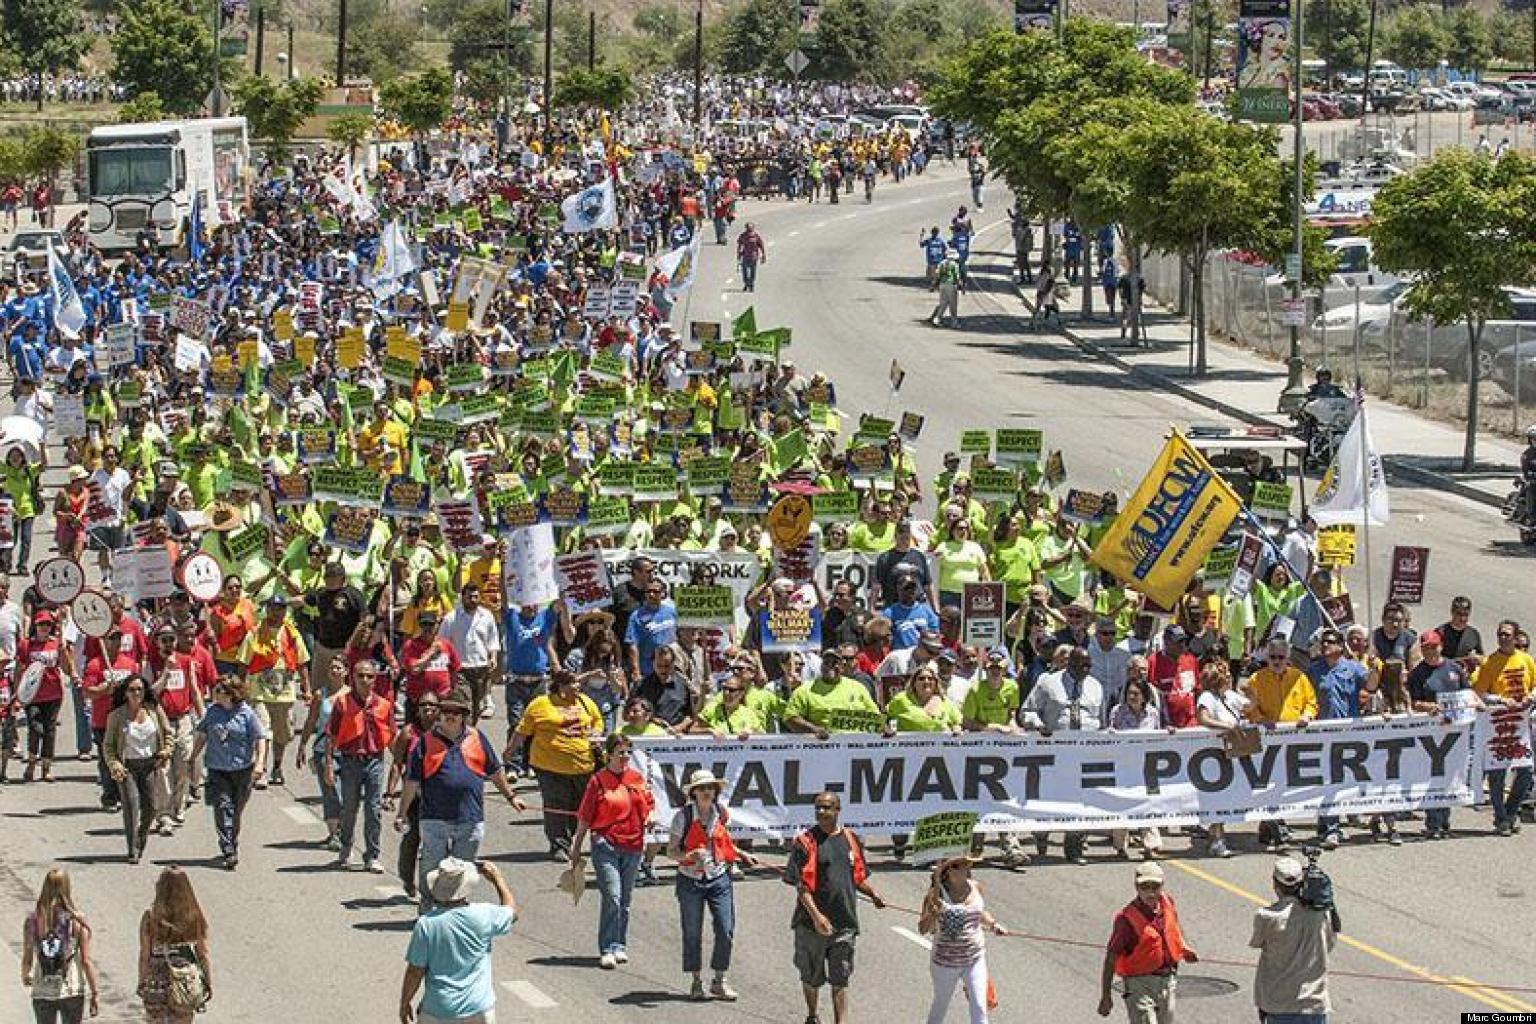 o-LA-WALMART-PROTEST-facebook.jpg